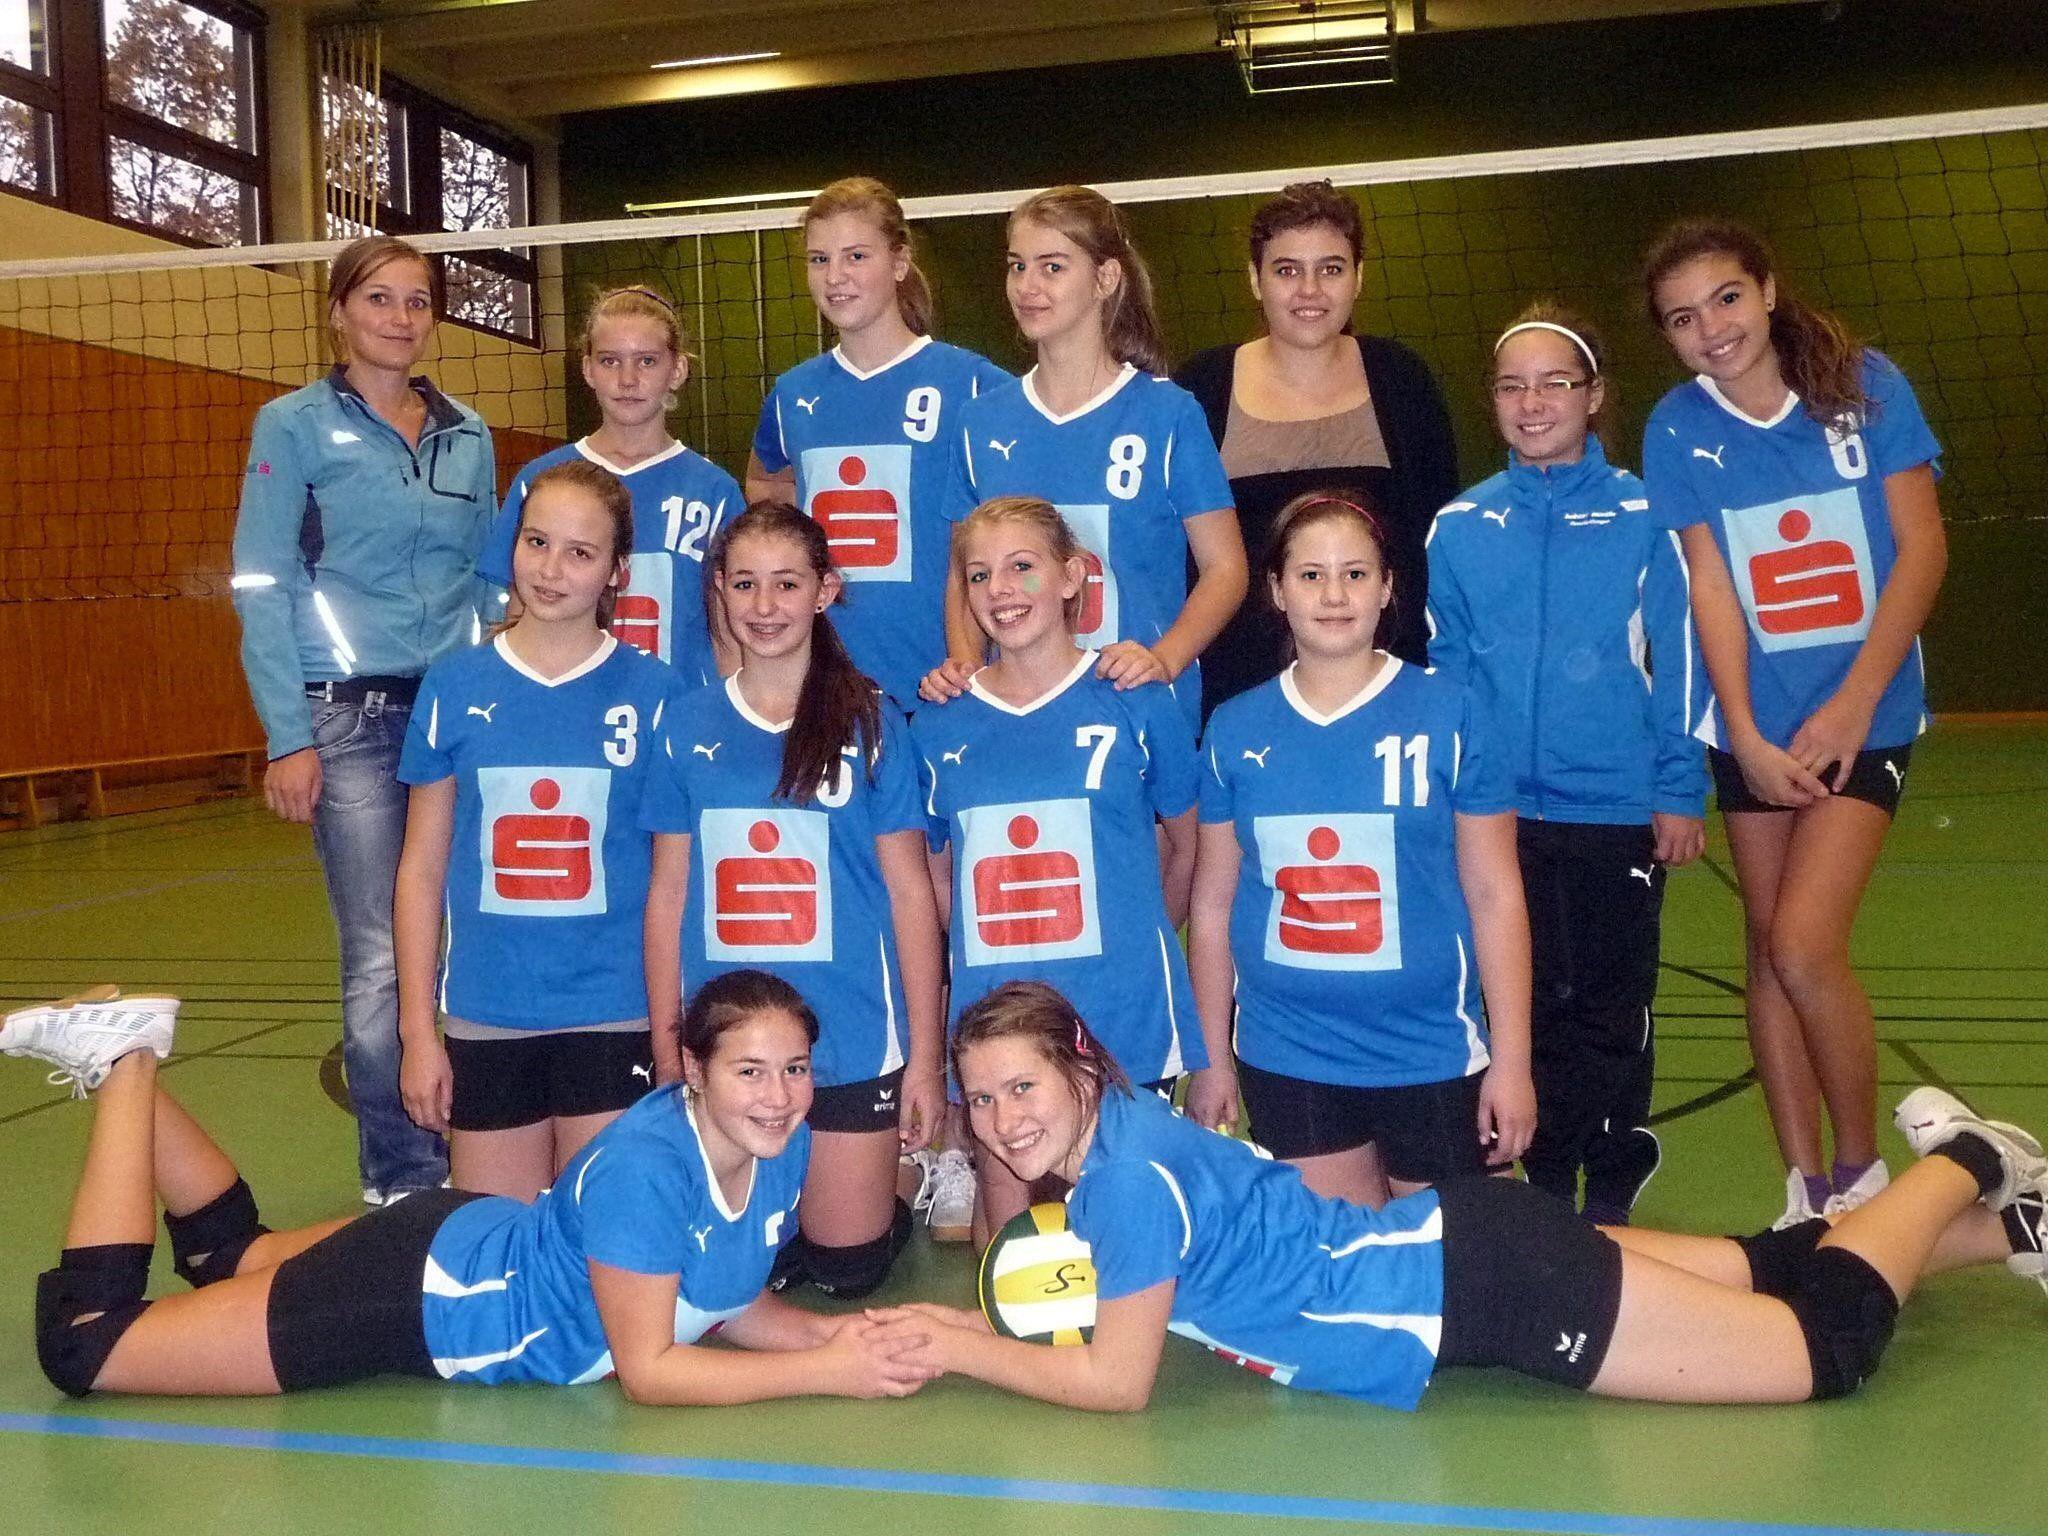 Das stolze Team der VMS Sulz